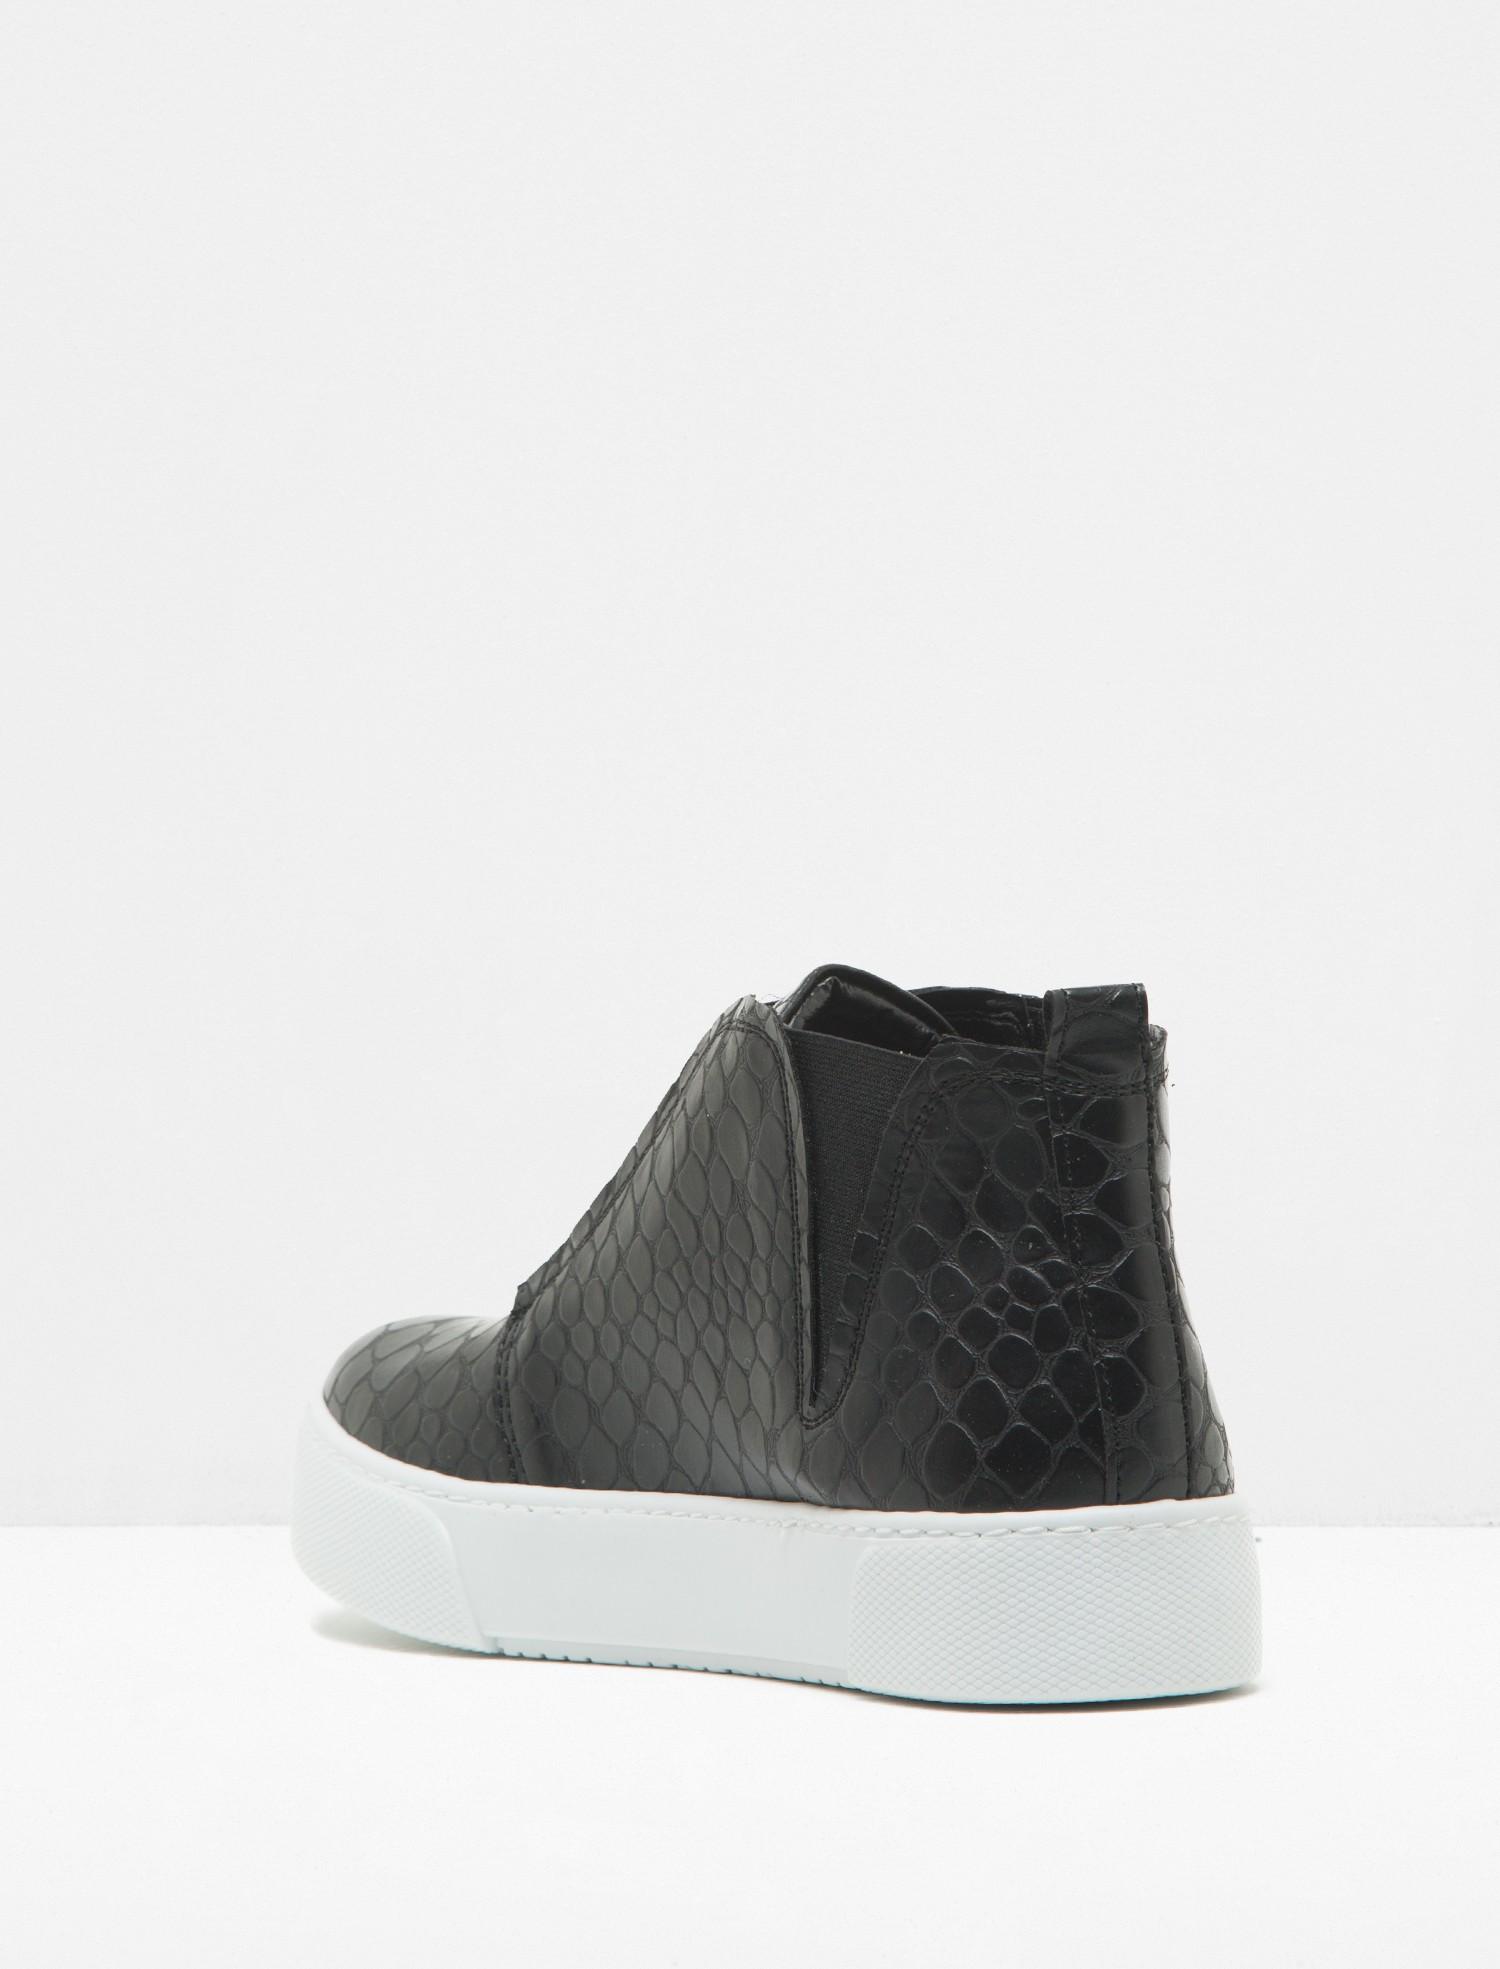 0fc75e99e9129 Koton Bayan Bağcıksız Spor Ayakkabı 7KAL21107AA999